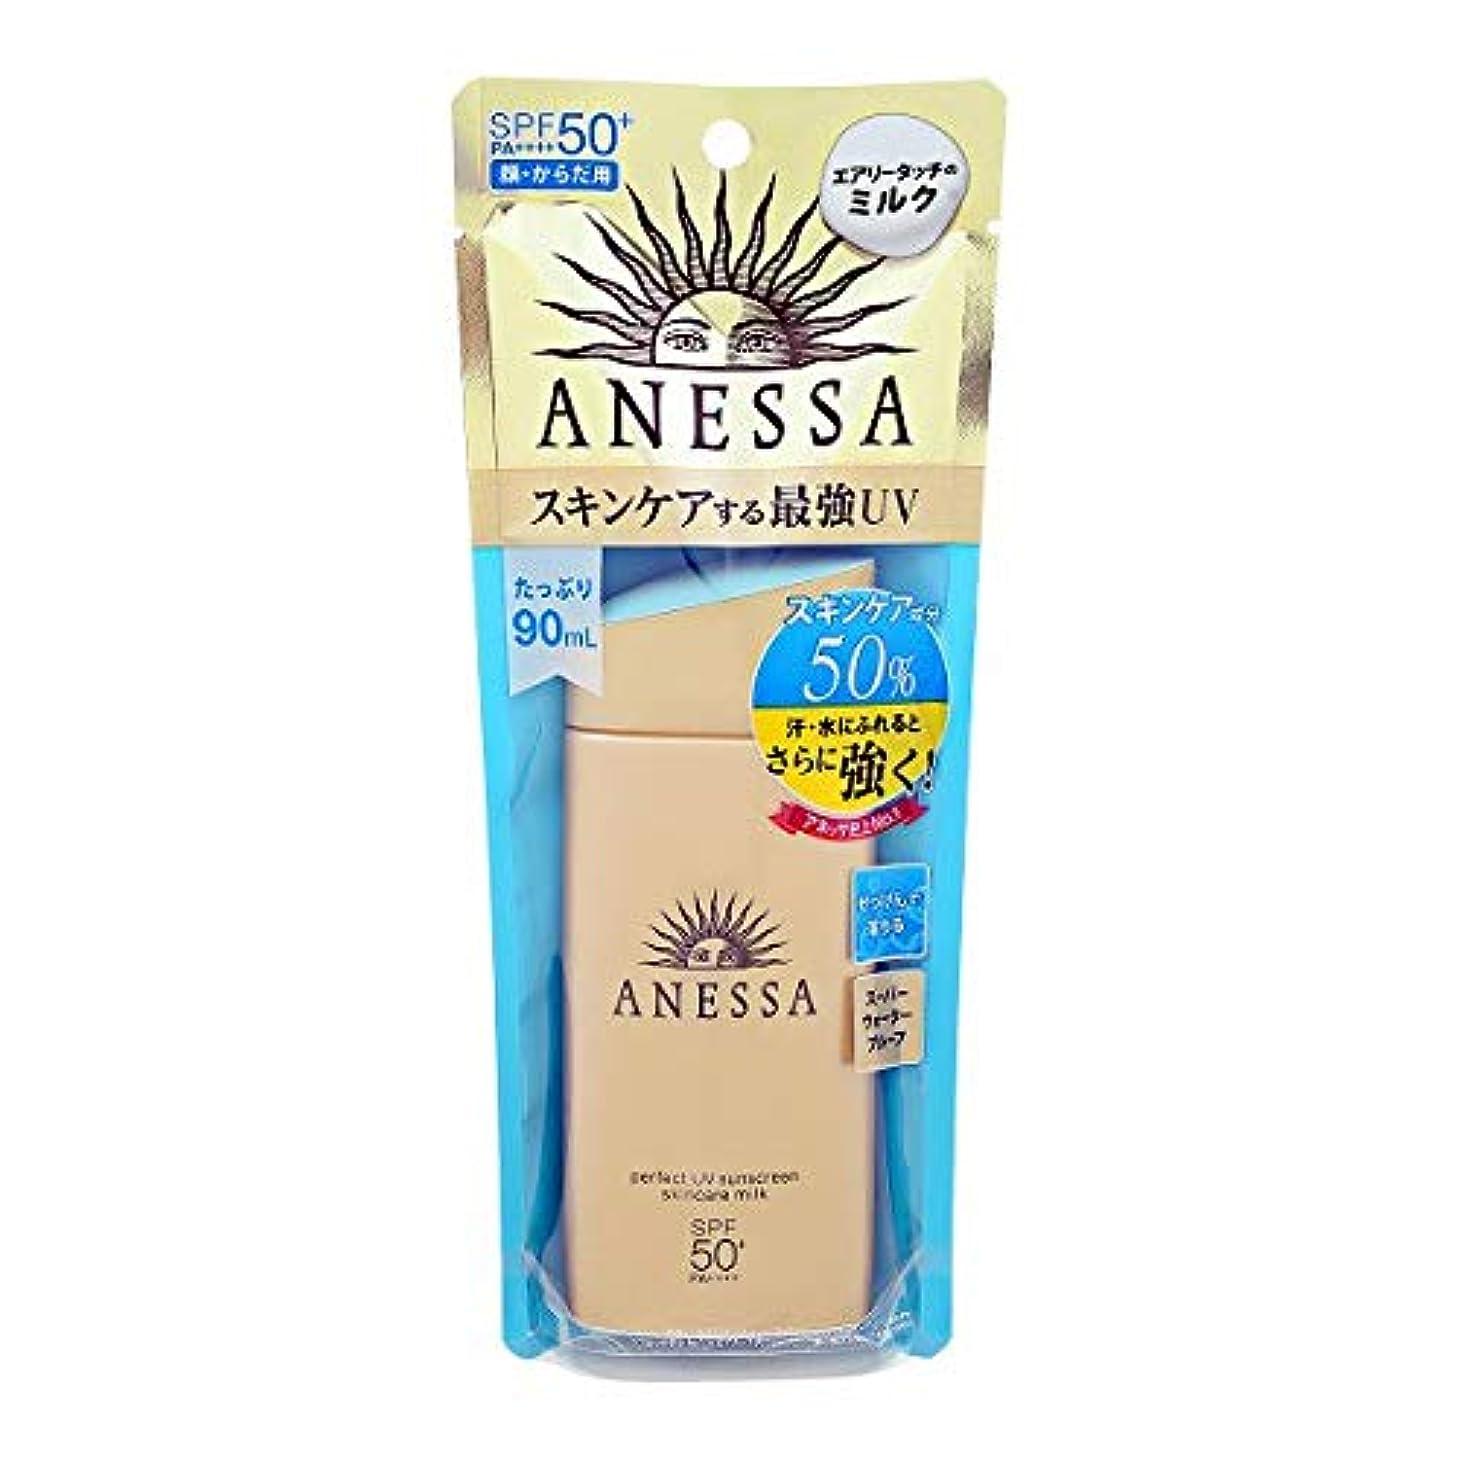 開いた失望させる警告アネッサ(ANESSA) パーフェクトUV スキンケアミルク 90mL [ 日焼け止め ] [並行輸入品]